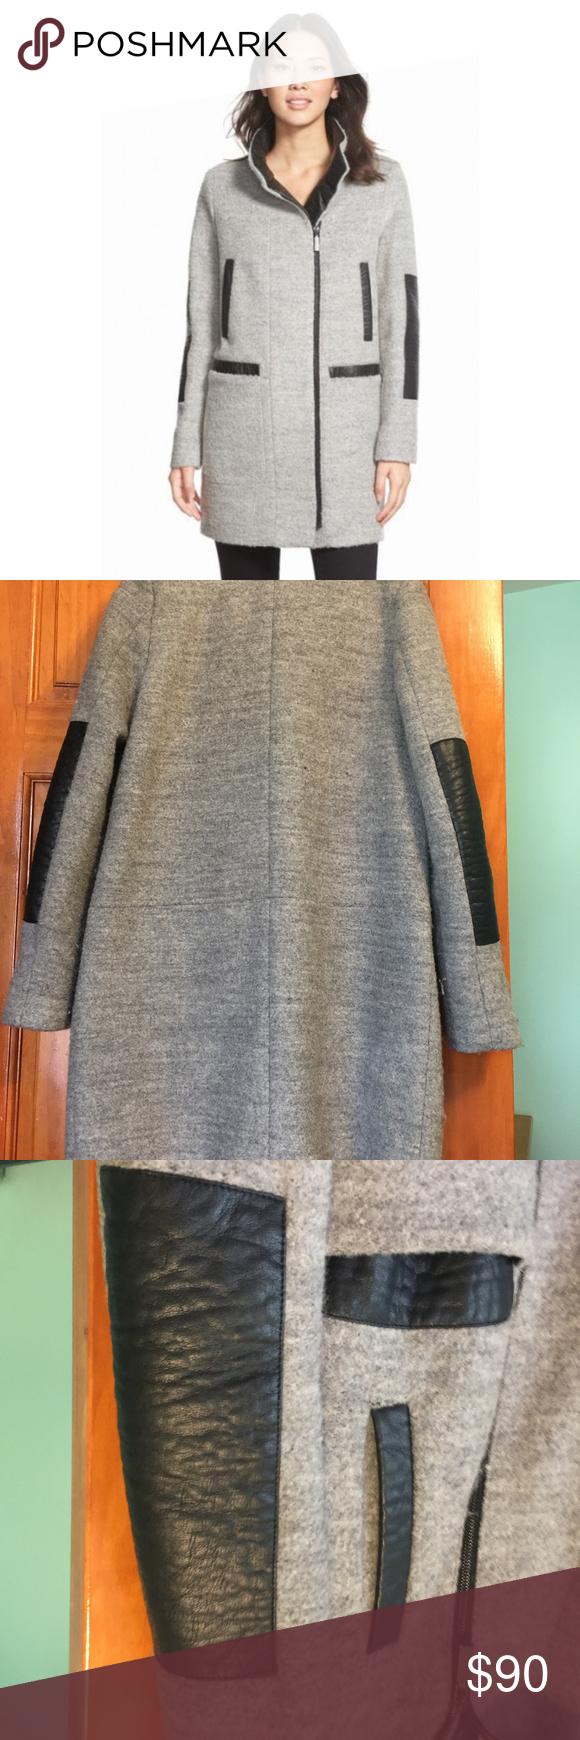 Vince Camuto Faux Leather Trim Bouclé Coat A stand collar